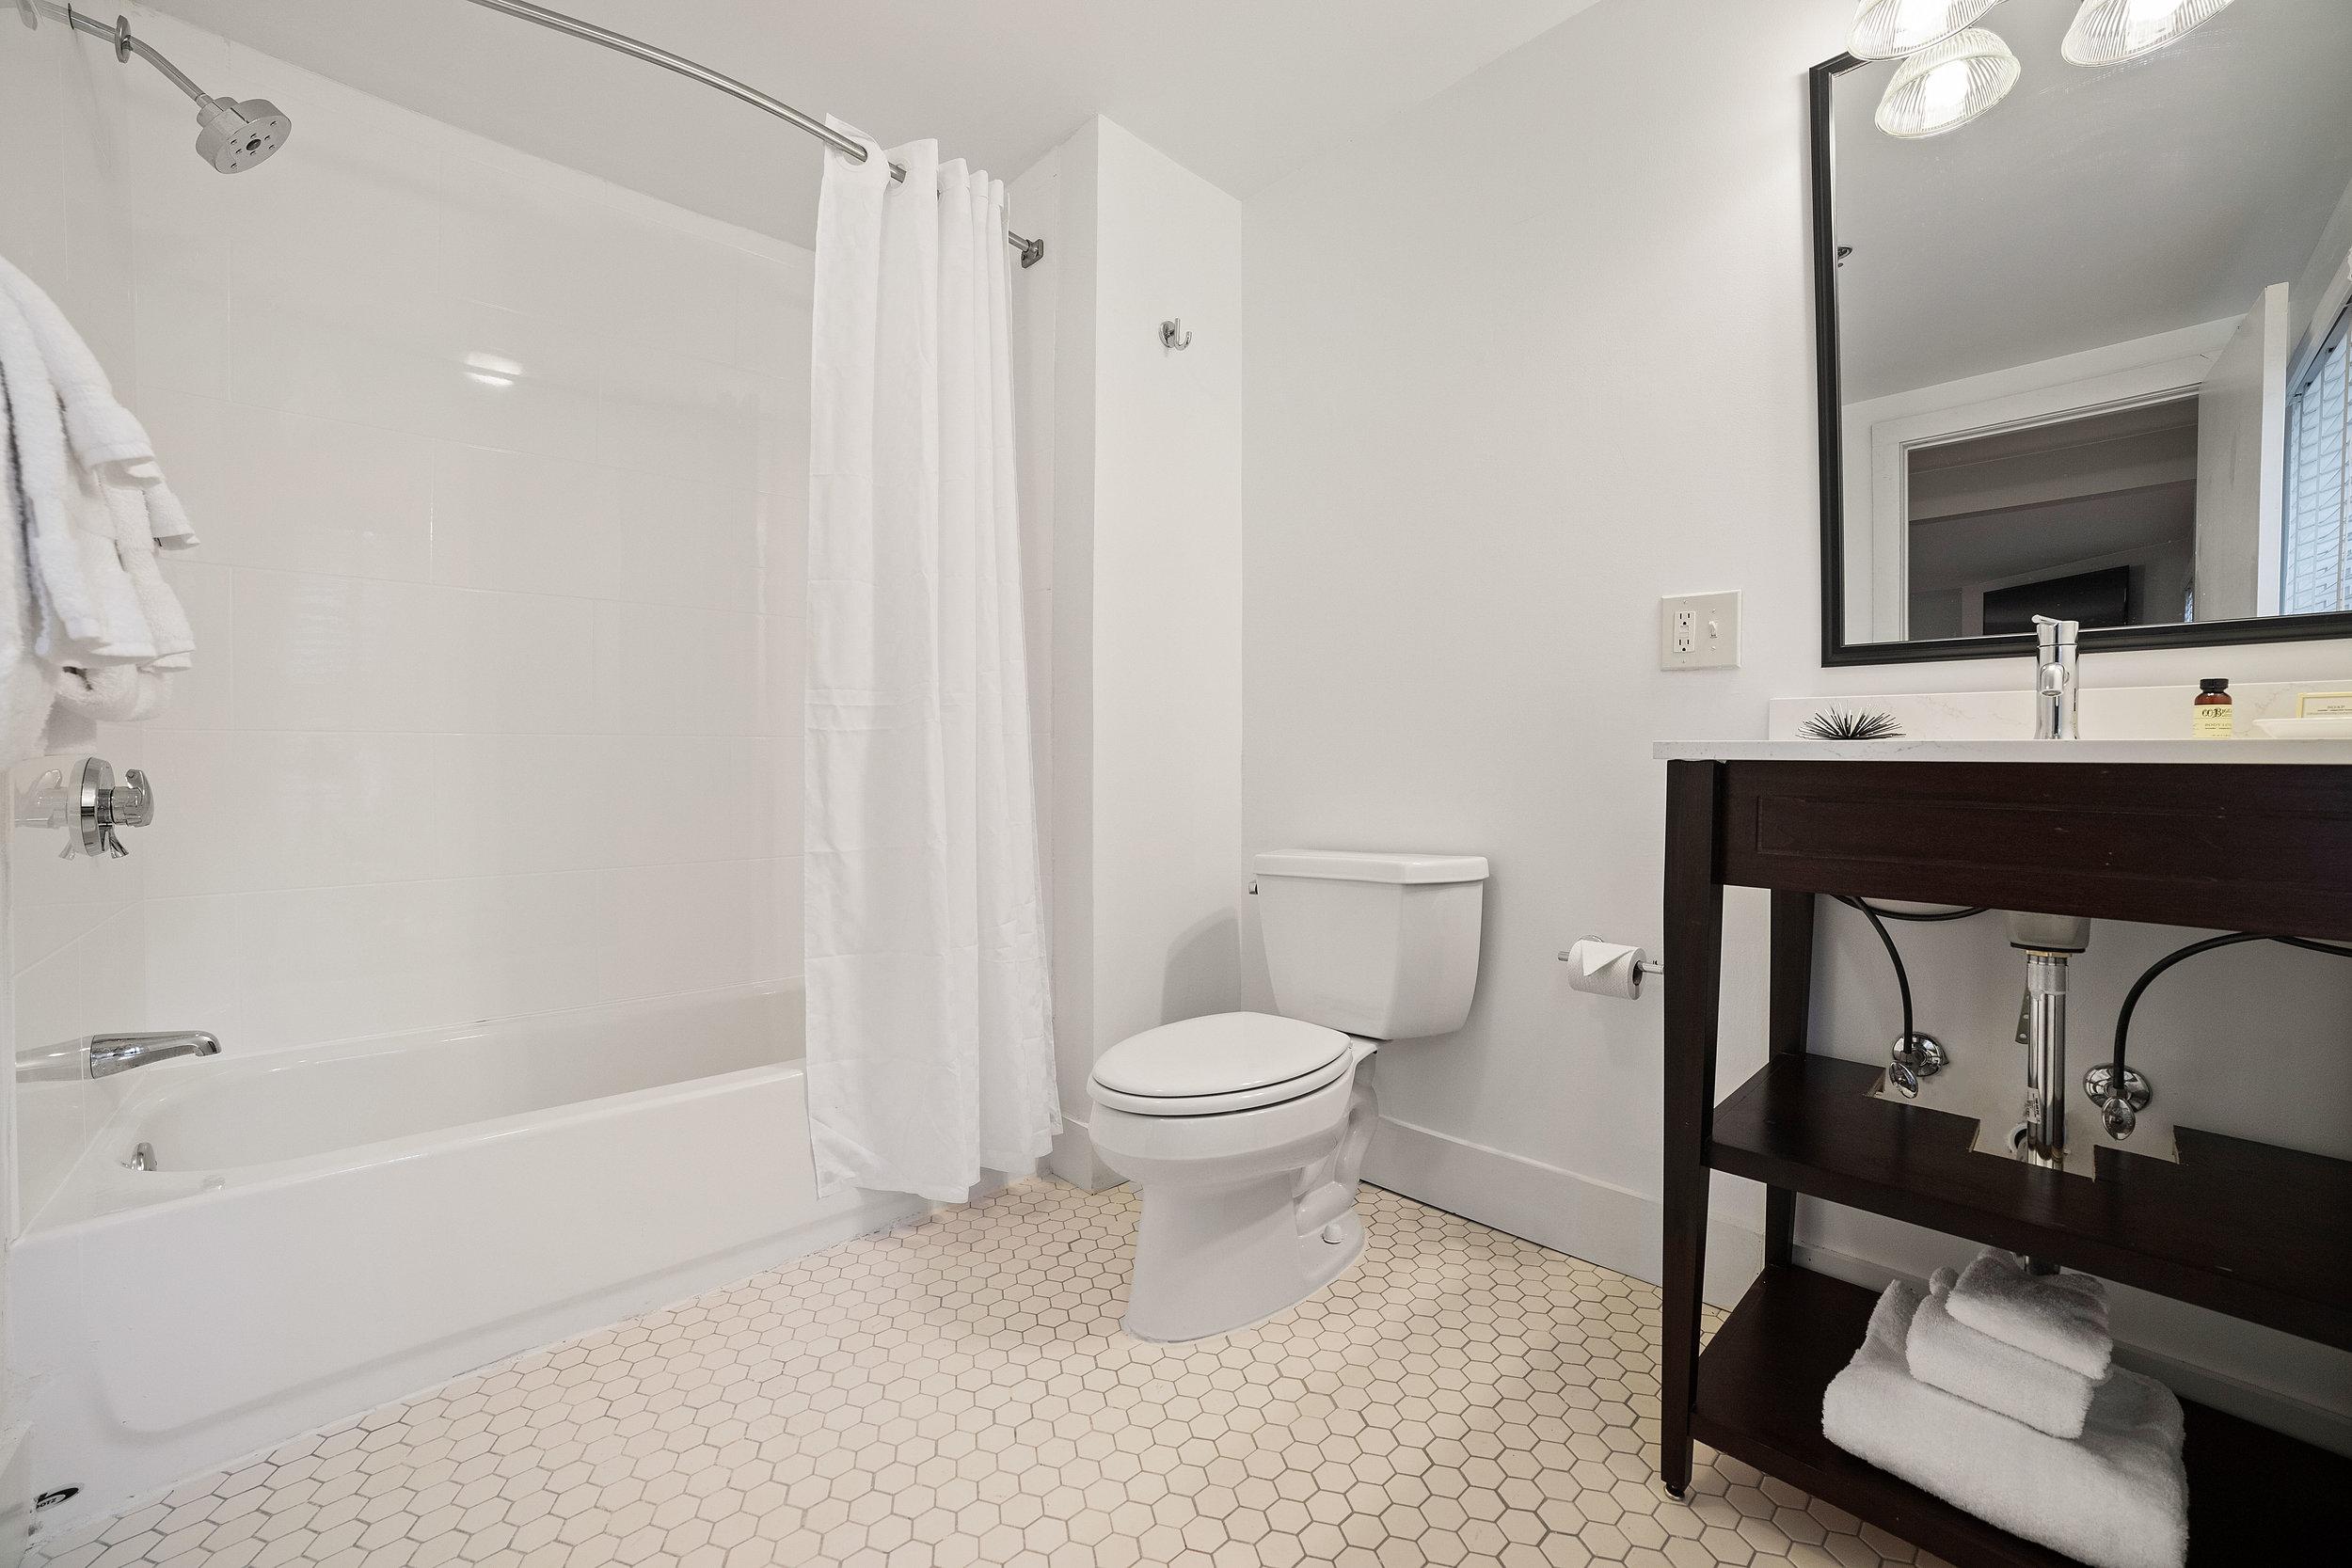 98.jpg Carriage Suite 307 Bathroom.jpg